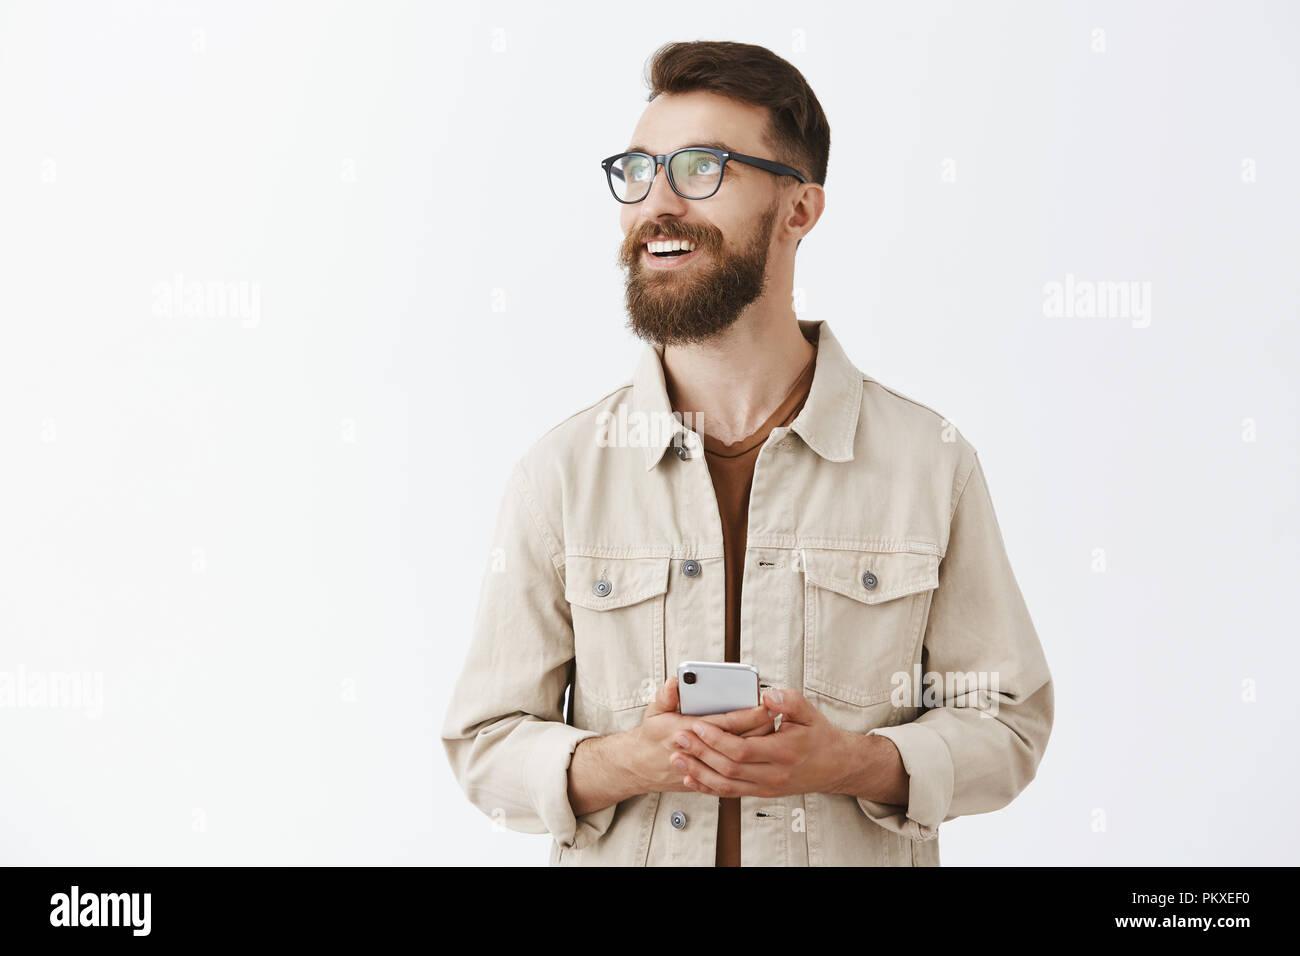 Stilvolle stattliche Städtische nach bärtigen Mann Unternehmer in Gläsern freudig lächelnd auf der Suche an der oberen linken Ecke verträumt und nostalgische Erinnerung an lustiger Moment beim Scrollen Fotoalbum im Smartphone Stockbild